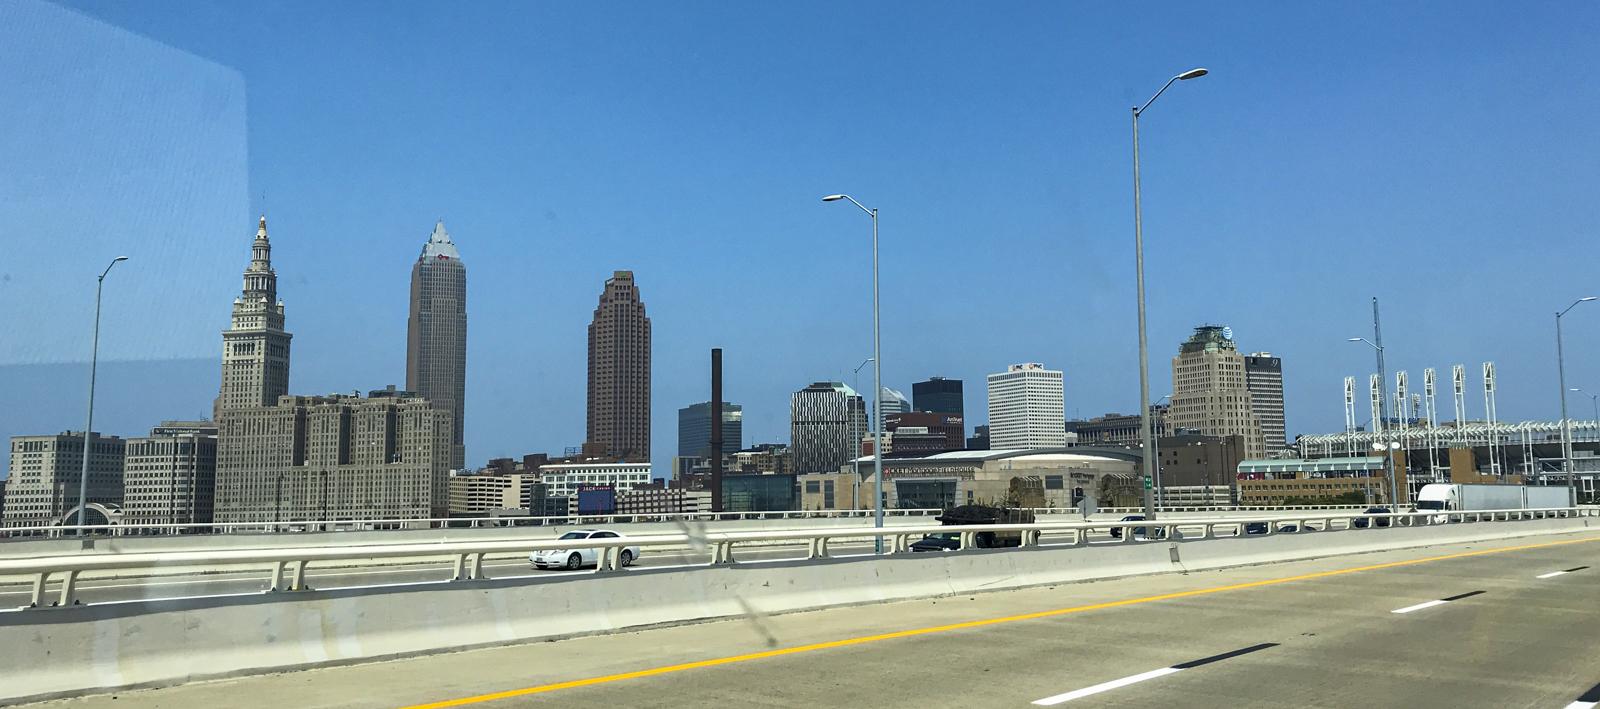 Still Cleveland